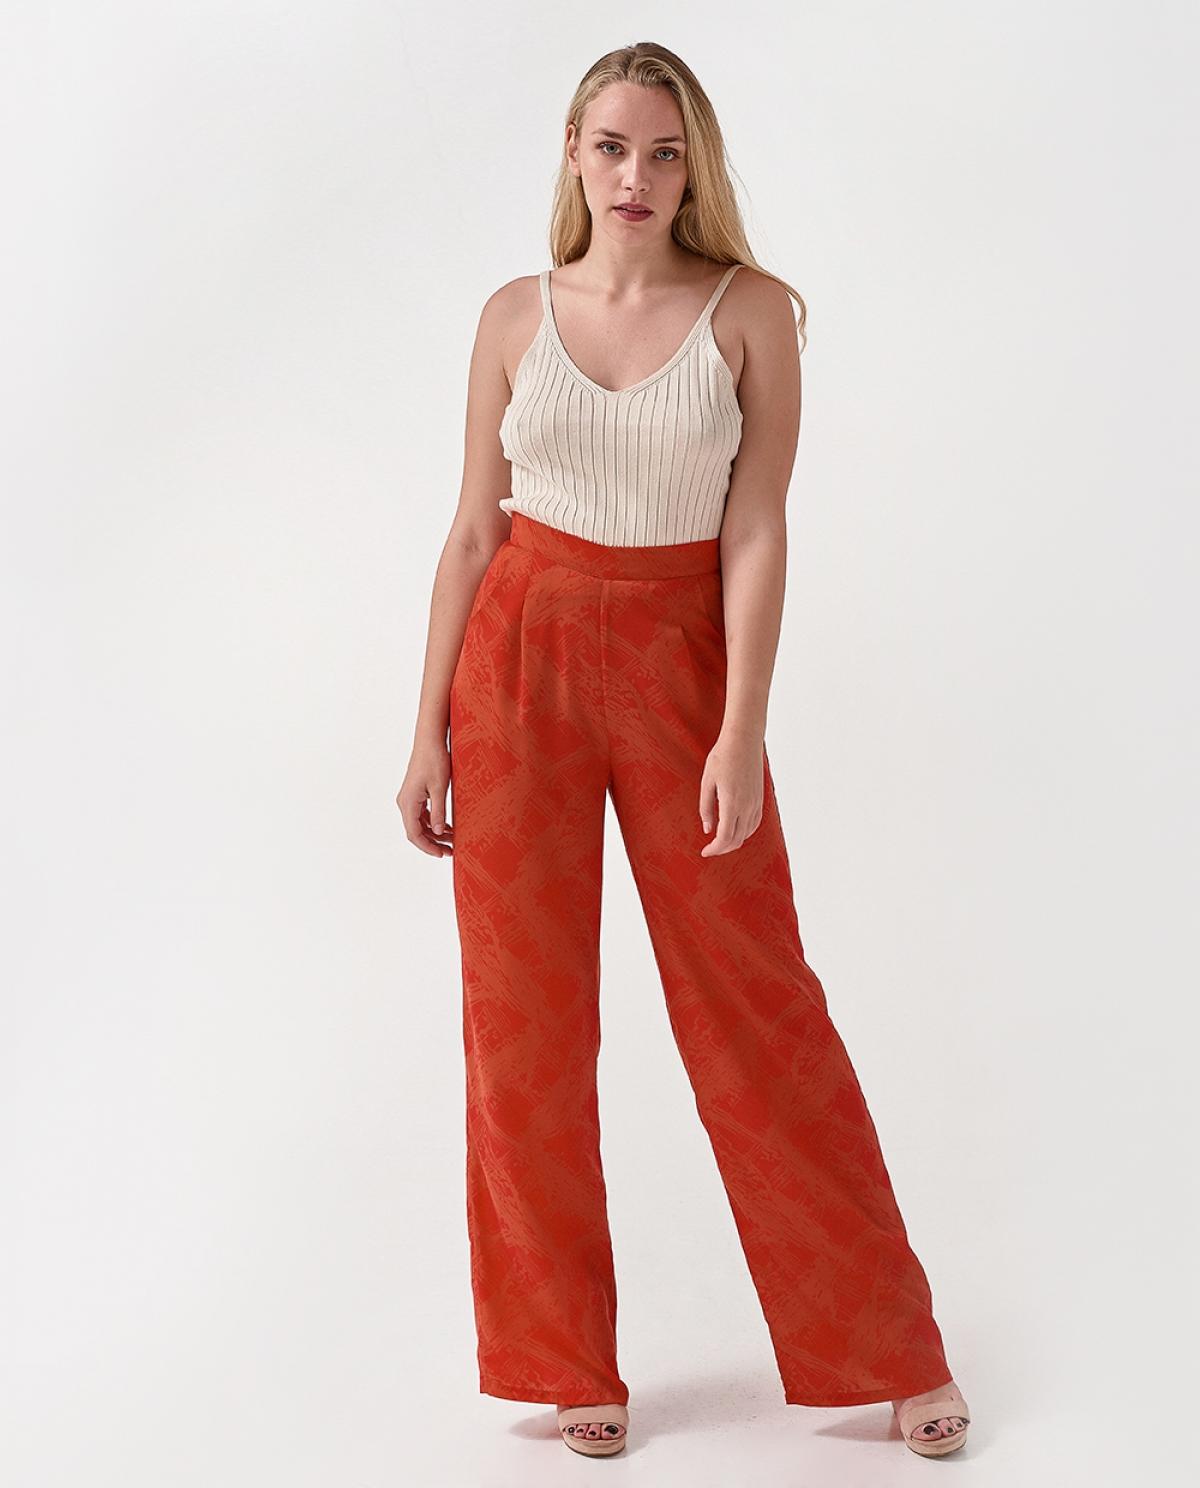 Erevos Trouser